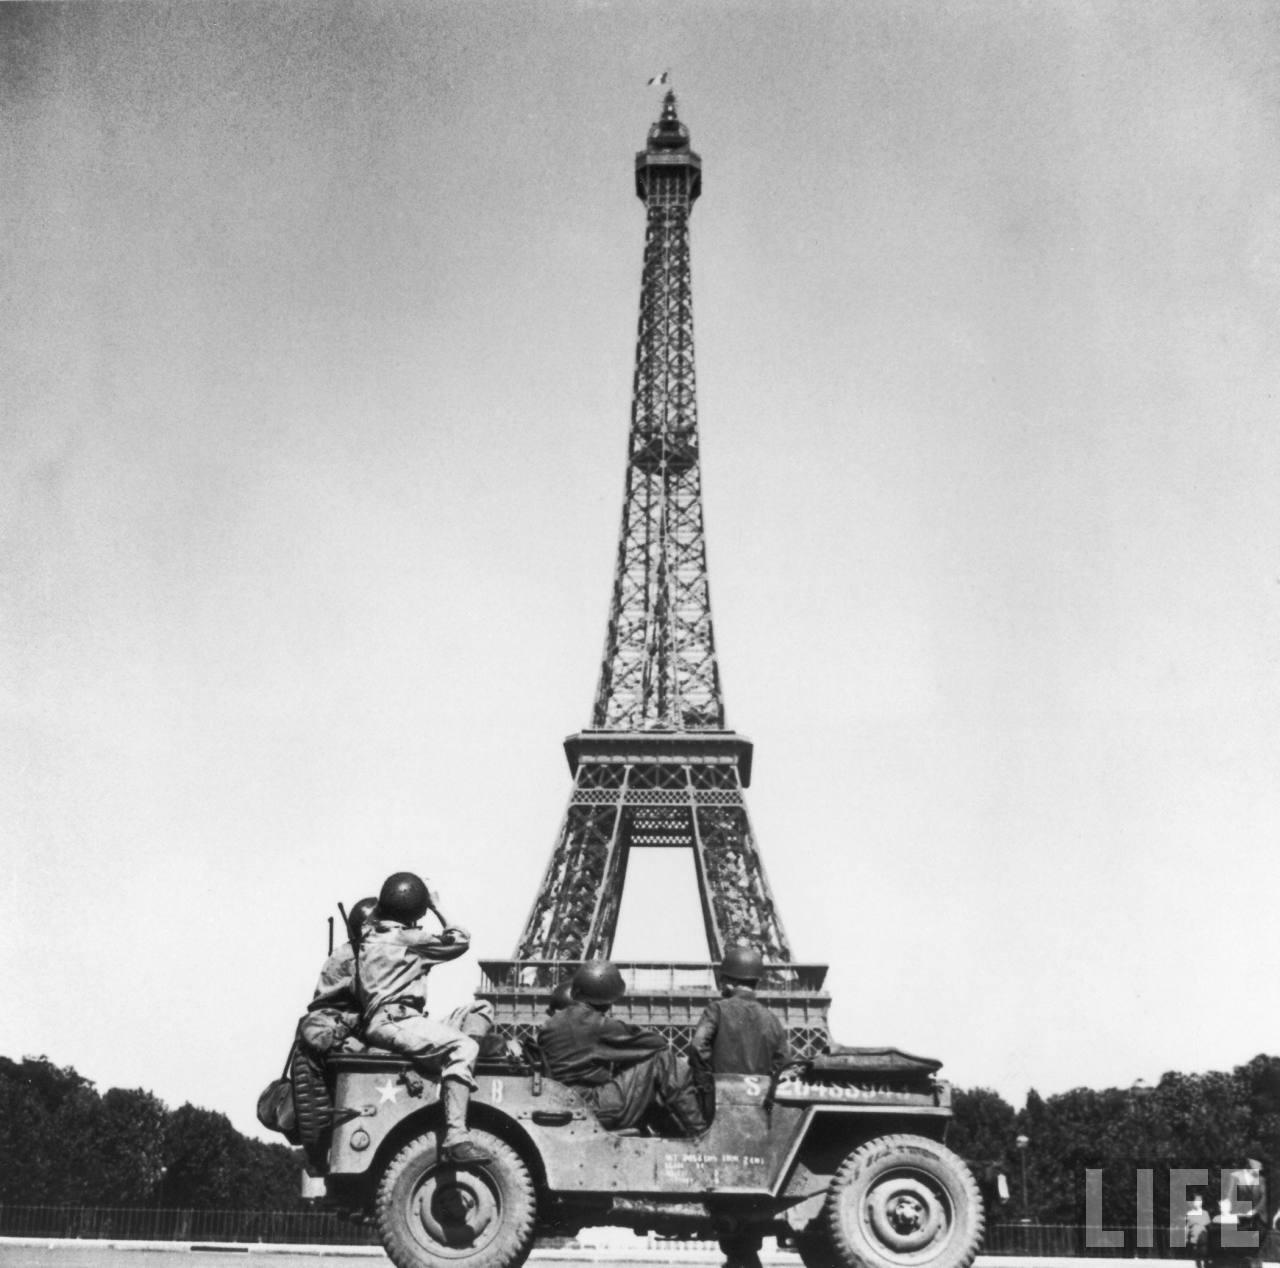 Paris WWII